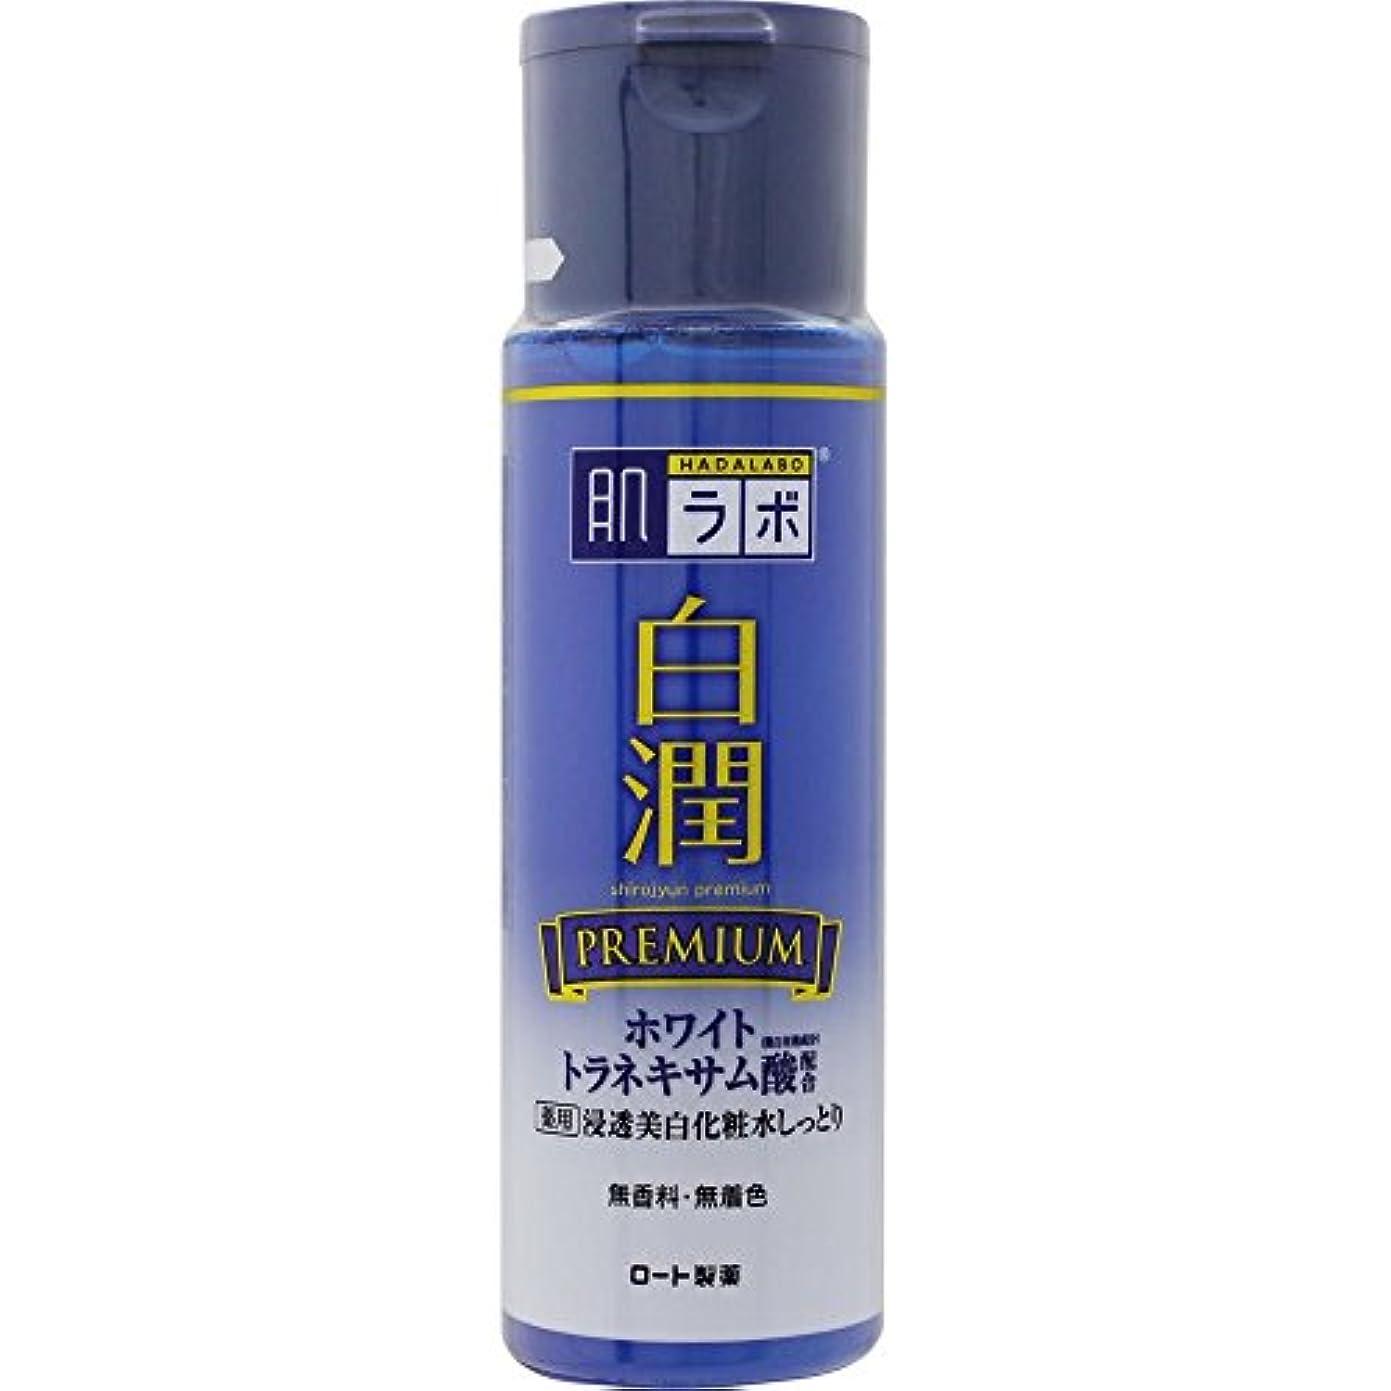 代表してショップバリケード肌ラボ 白潤プレミアム 薬用浸透美白化粧水しっとり 170mL (医薬部外品)